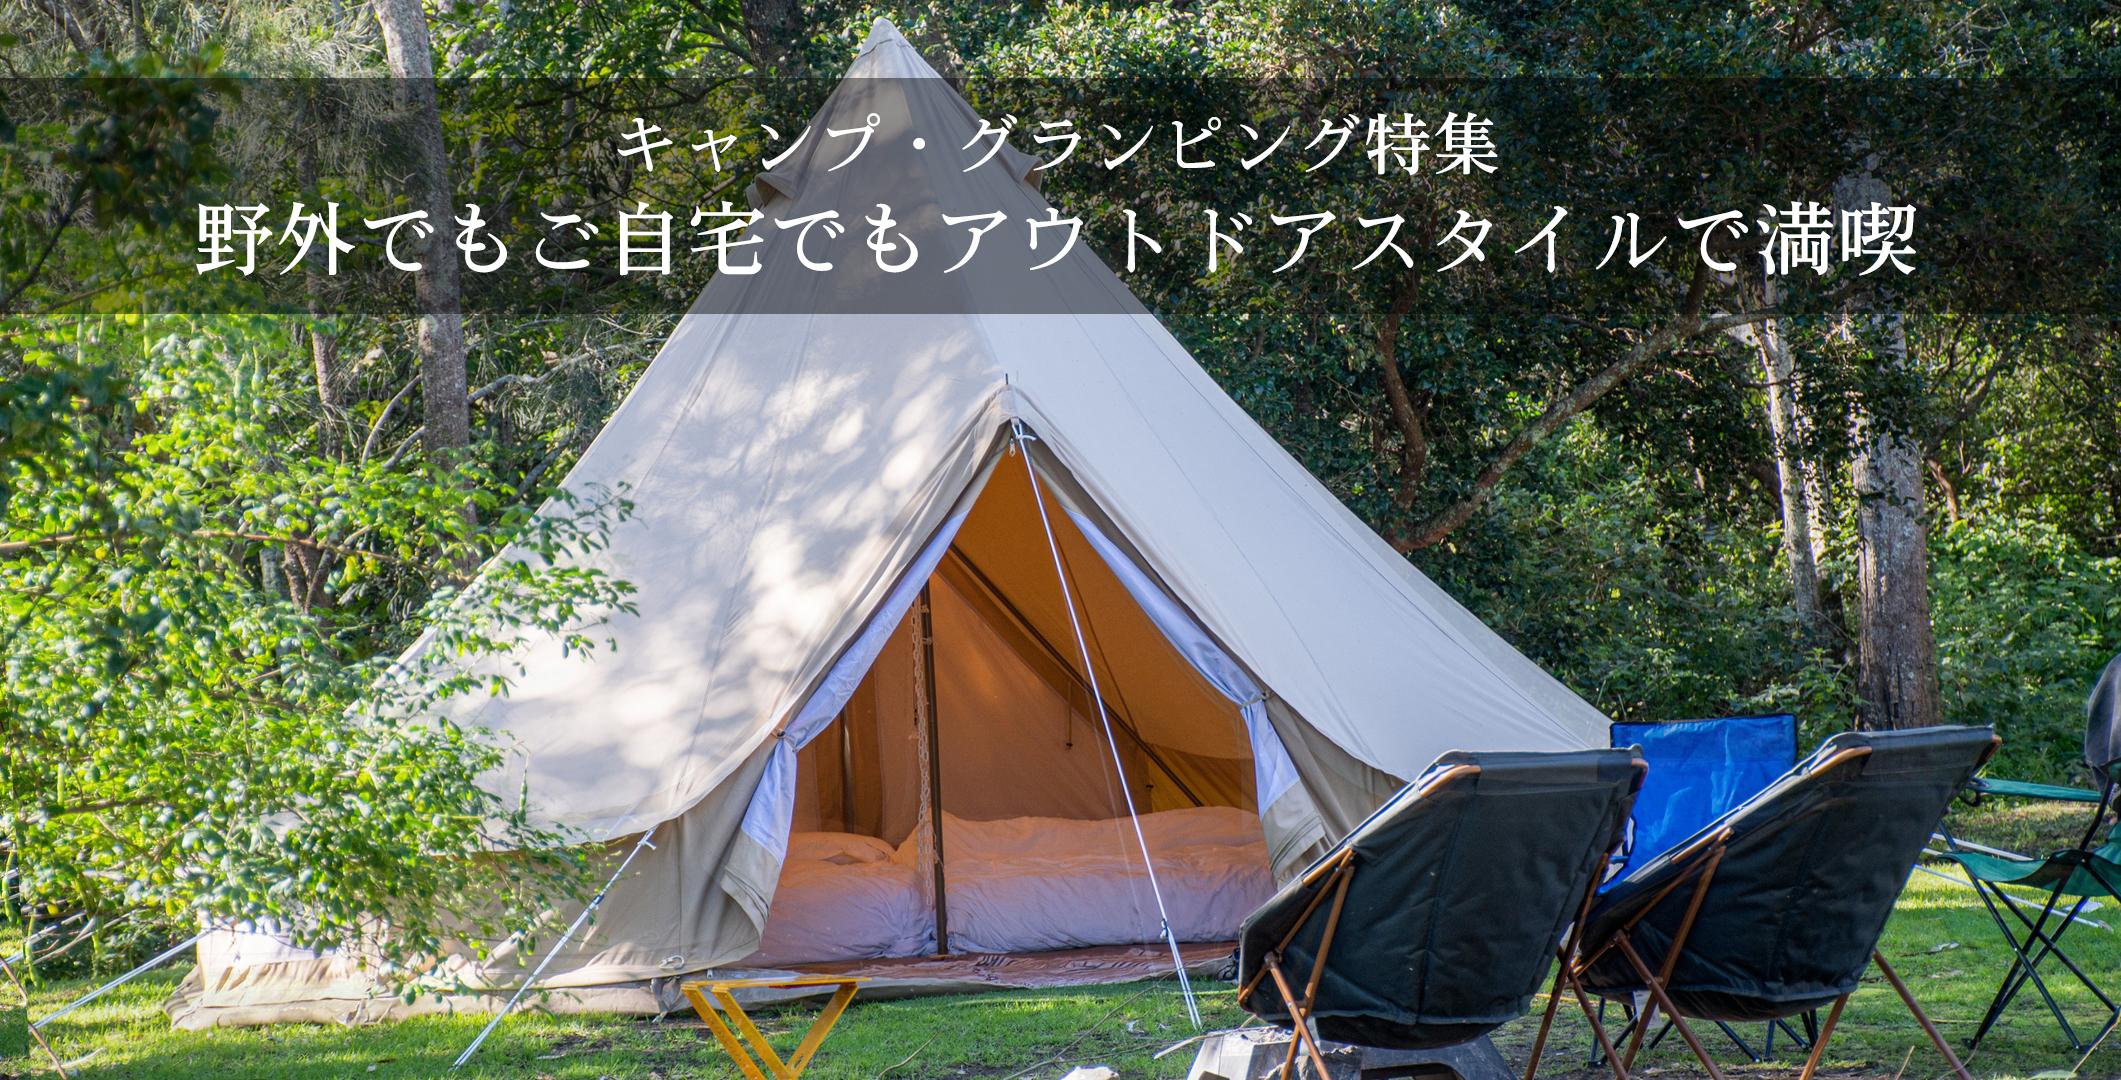 キャンプ・グランピング特集 野外でも自宅でもアウトドアスタイルで満喫